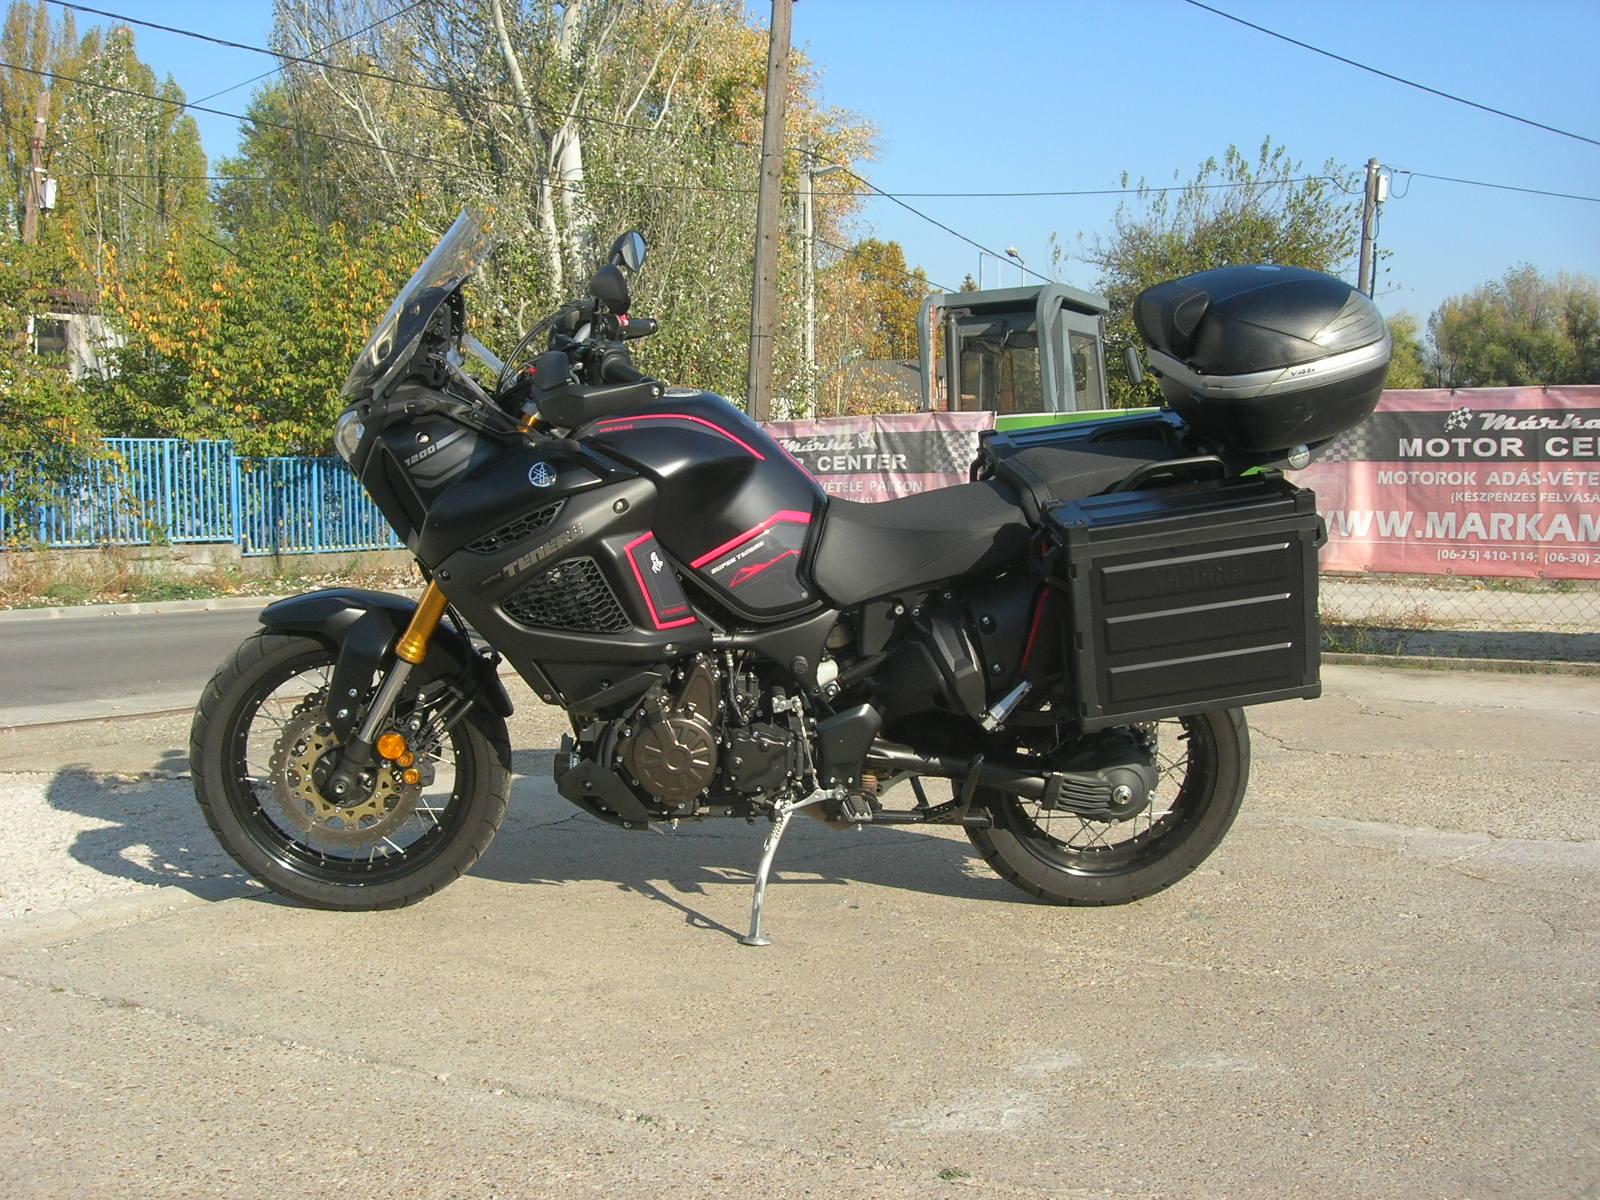 YAMAHA XT 1200 Z SUPERTENERE ABS, 2. kép